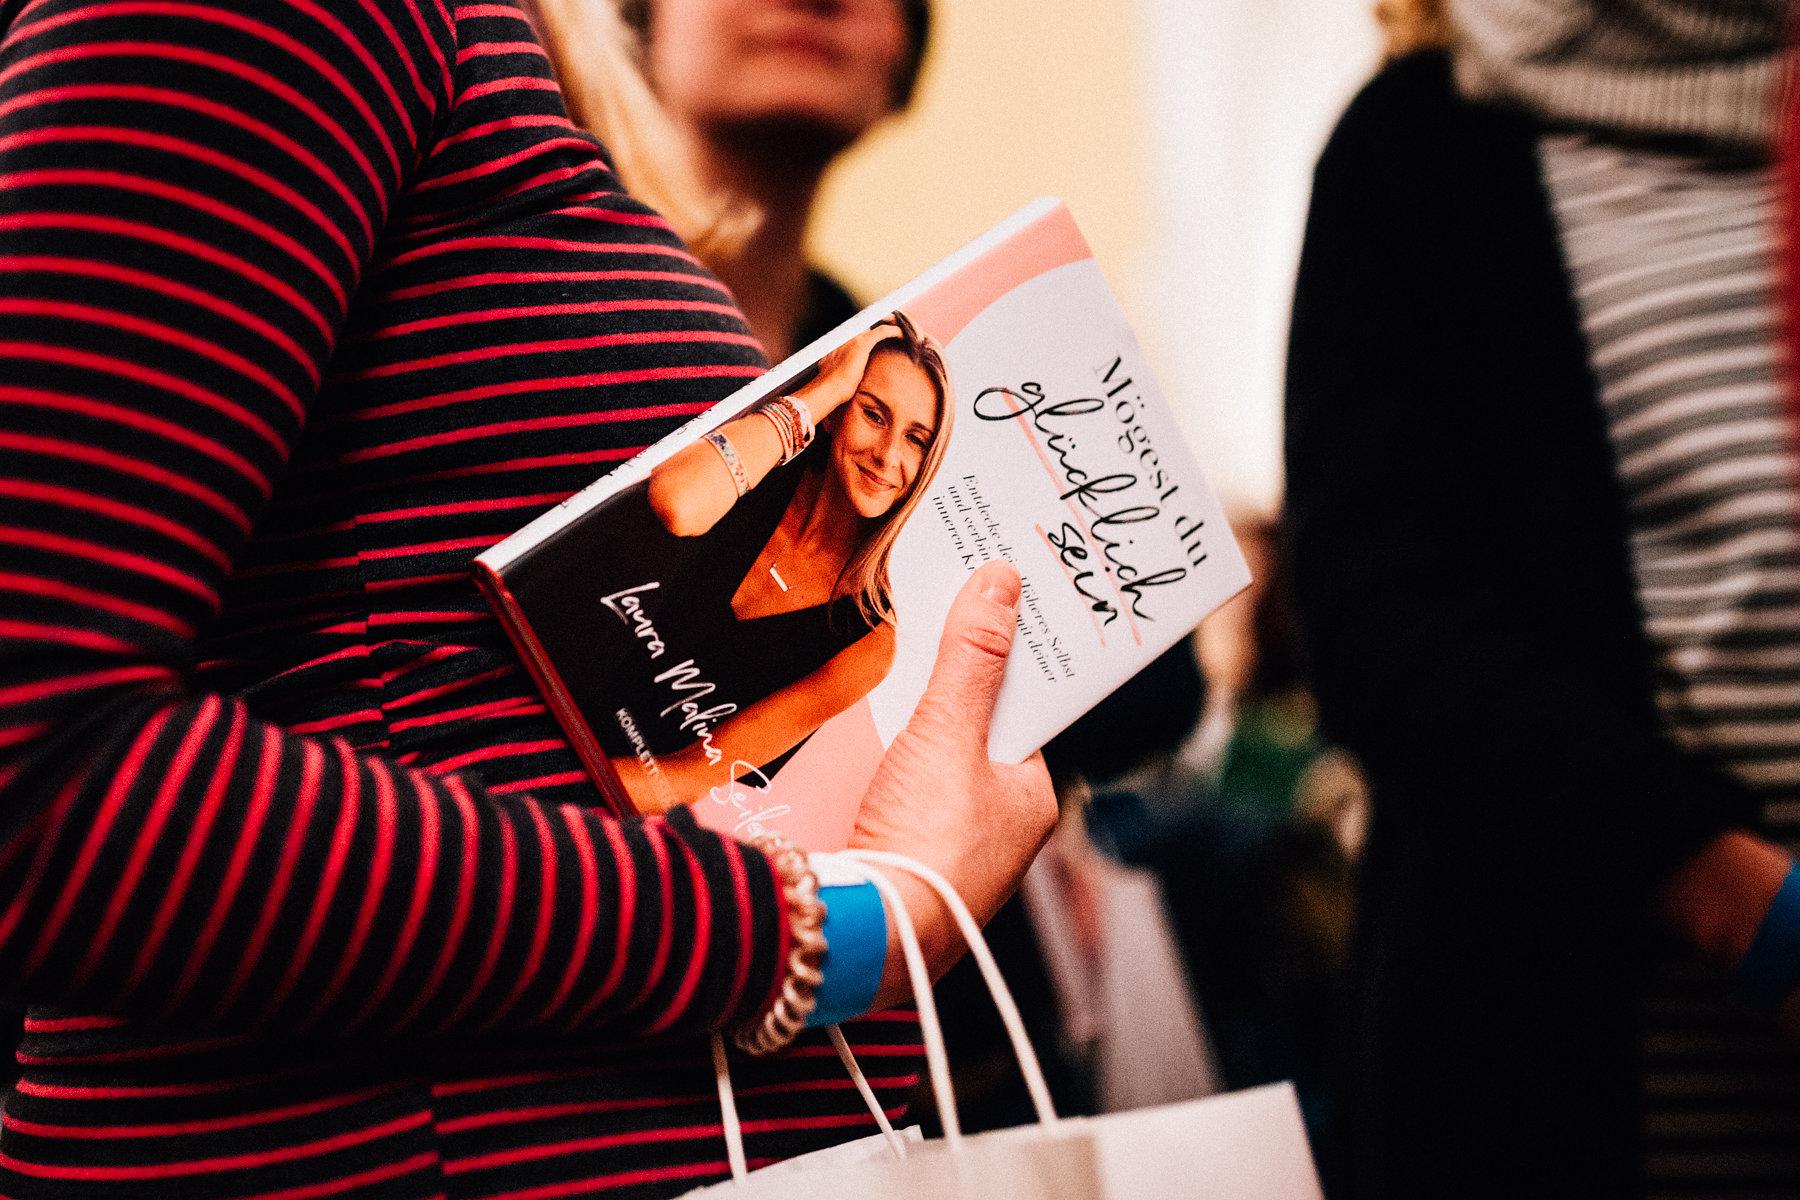 Buchtour Mögest Du glücklich sein Lesung Laura Seiler Buch Inka Englisch Photography Fotograf Coach Speaker Reportage